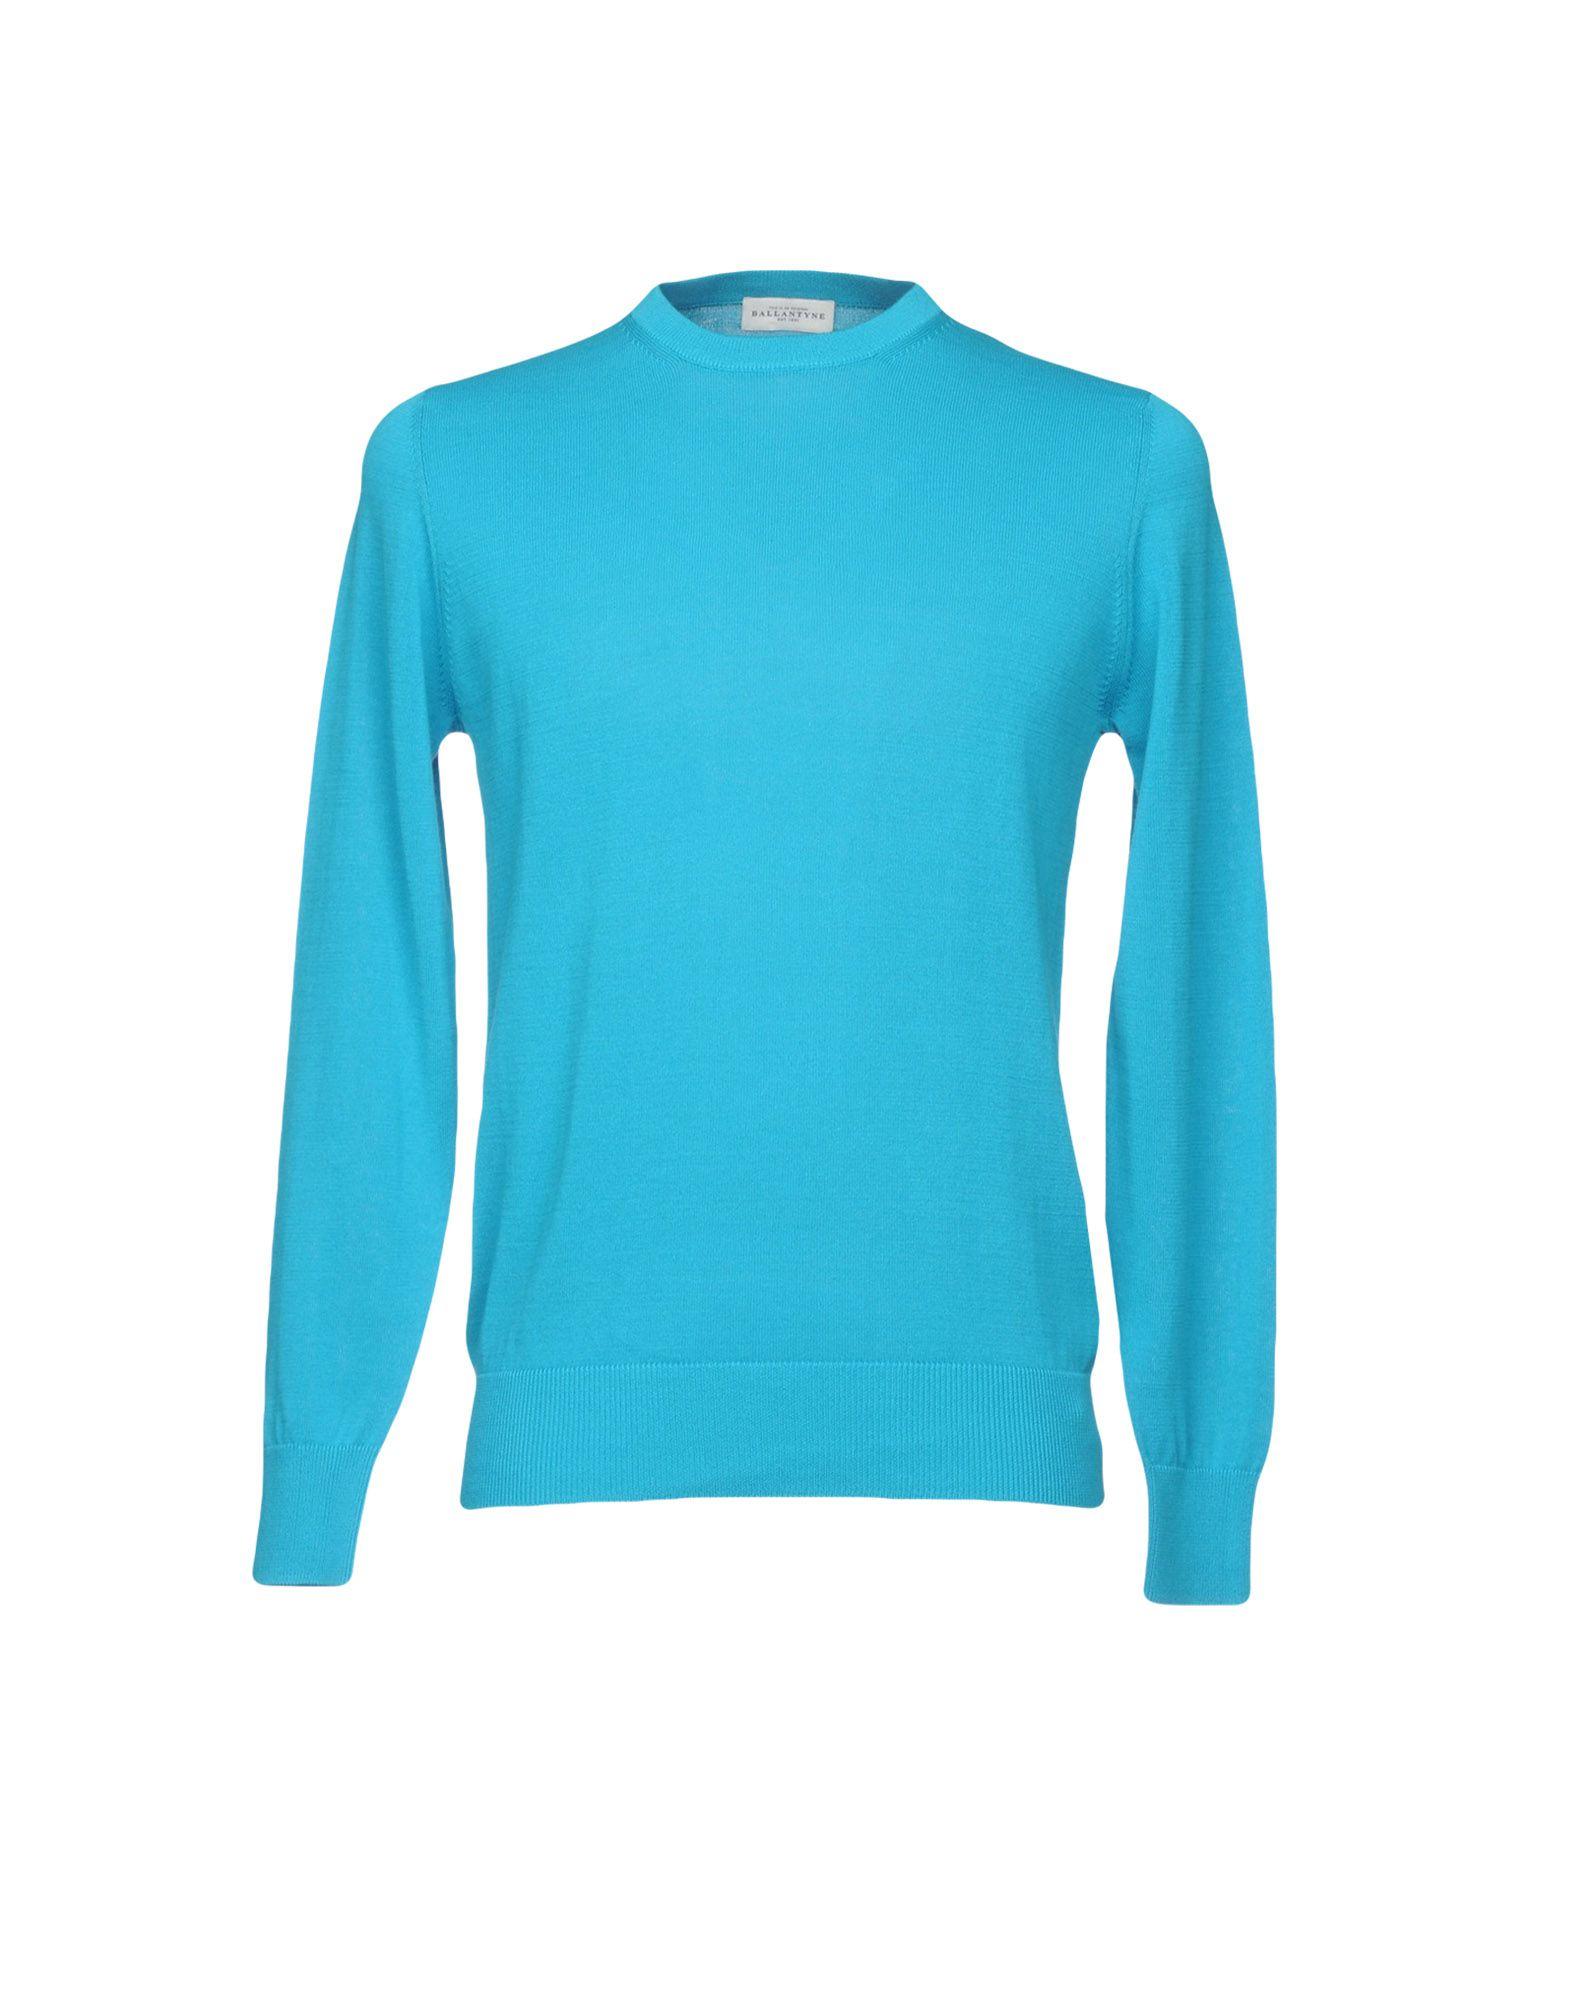 《セール開催中》BALLANTYNE メンズ プルオーバー ターコイズブルー 52 コットン 100%